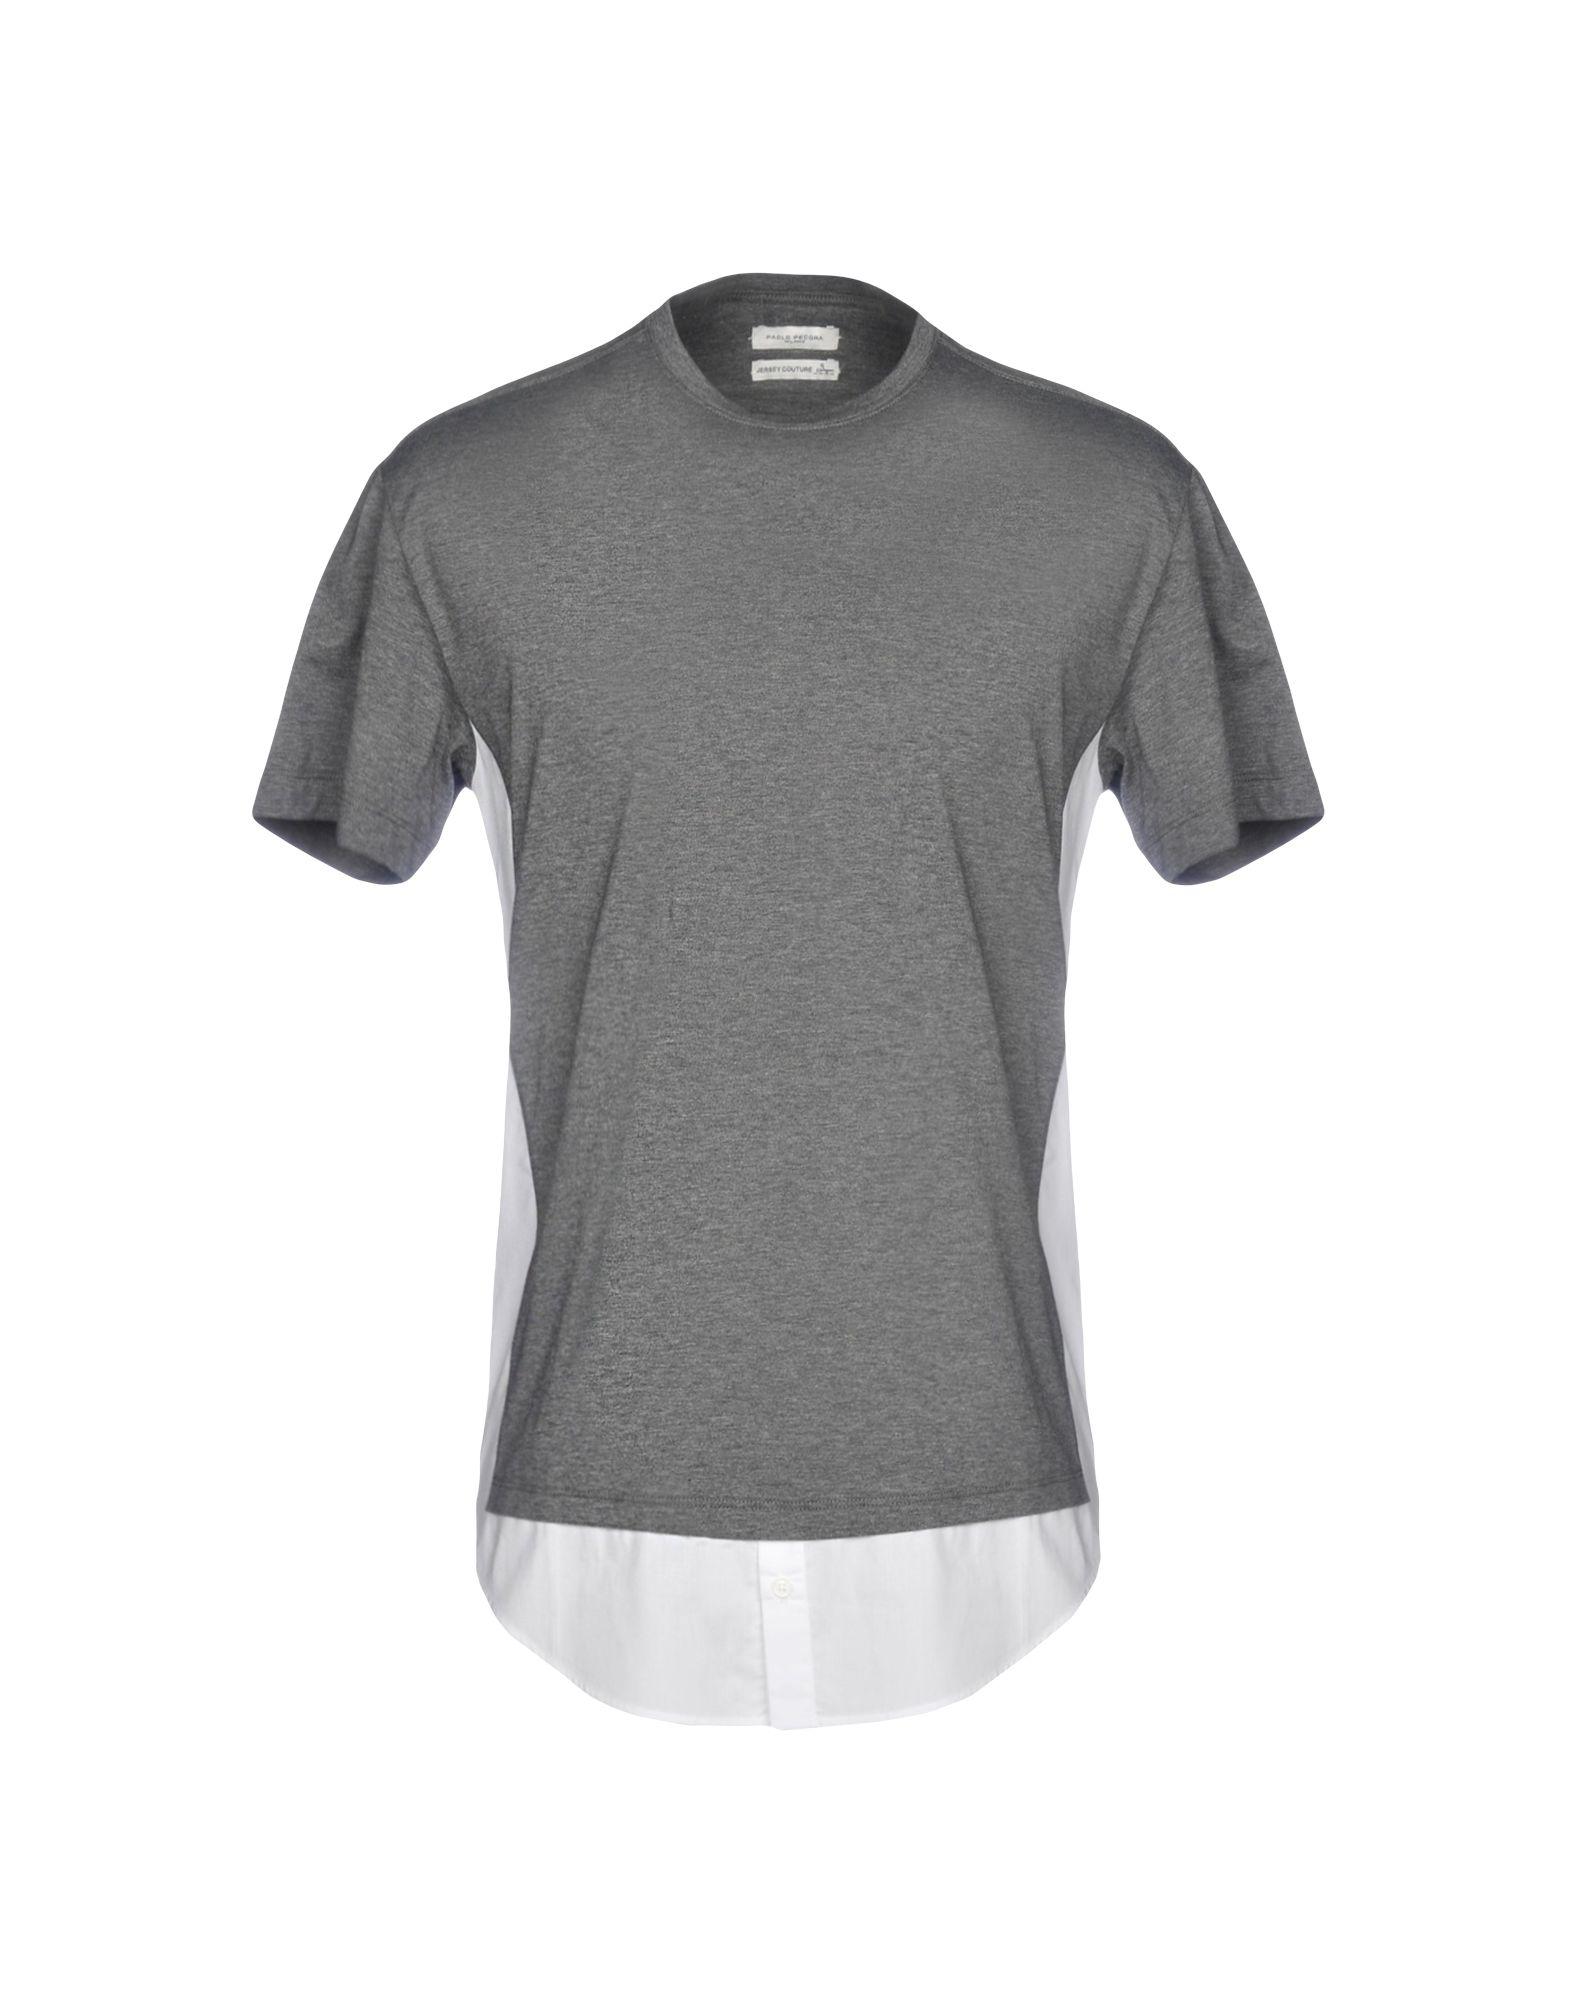 PAOLO PECORA | PAOLO PECORA T-Shirts 12221689 | Goxip